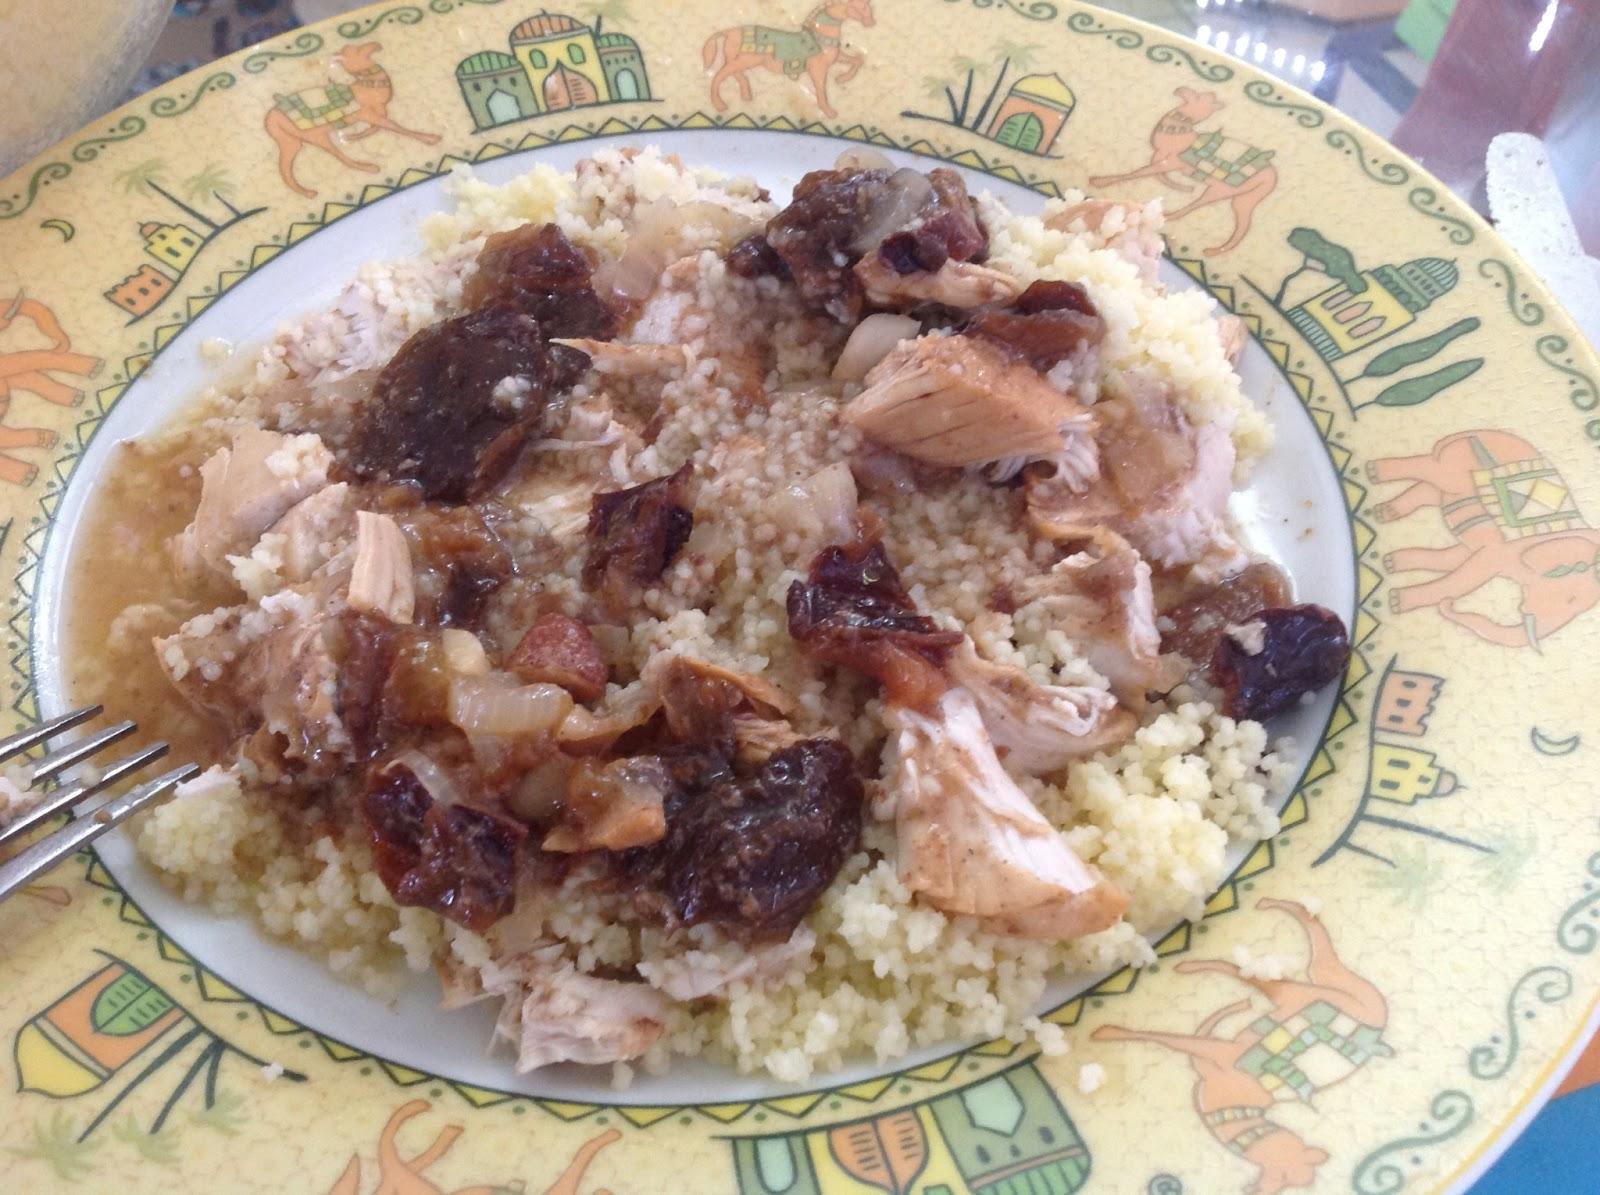 La cuisine de kittie tajine de poulet aux pruneaux au cookeo - Recette de noel au cookeo ...